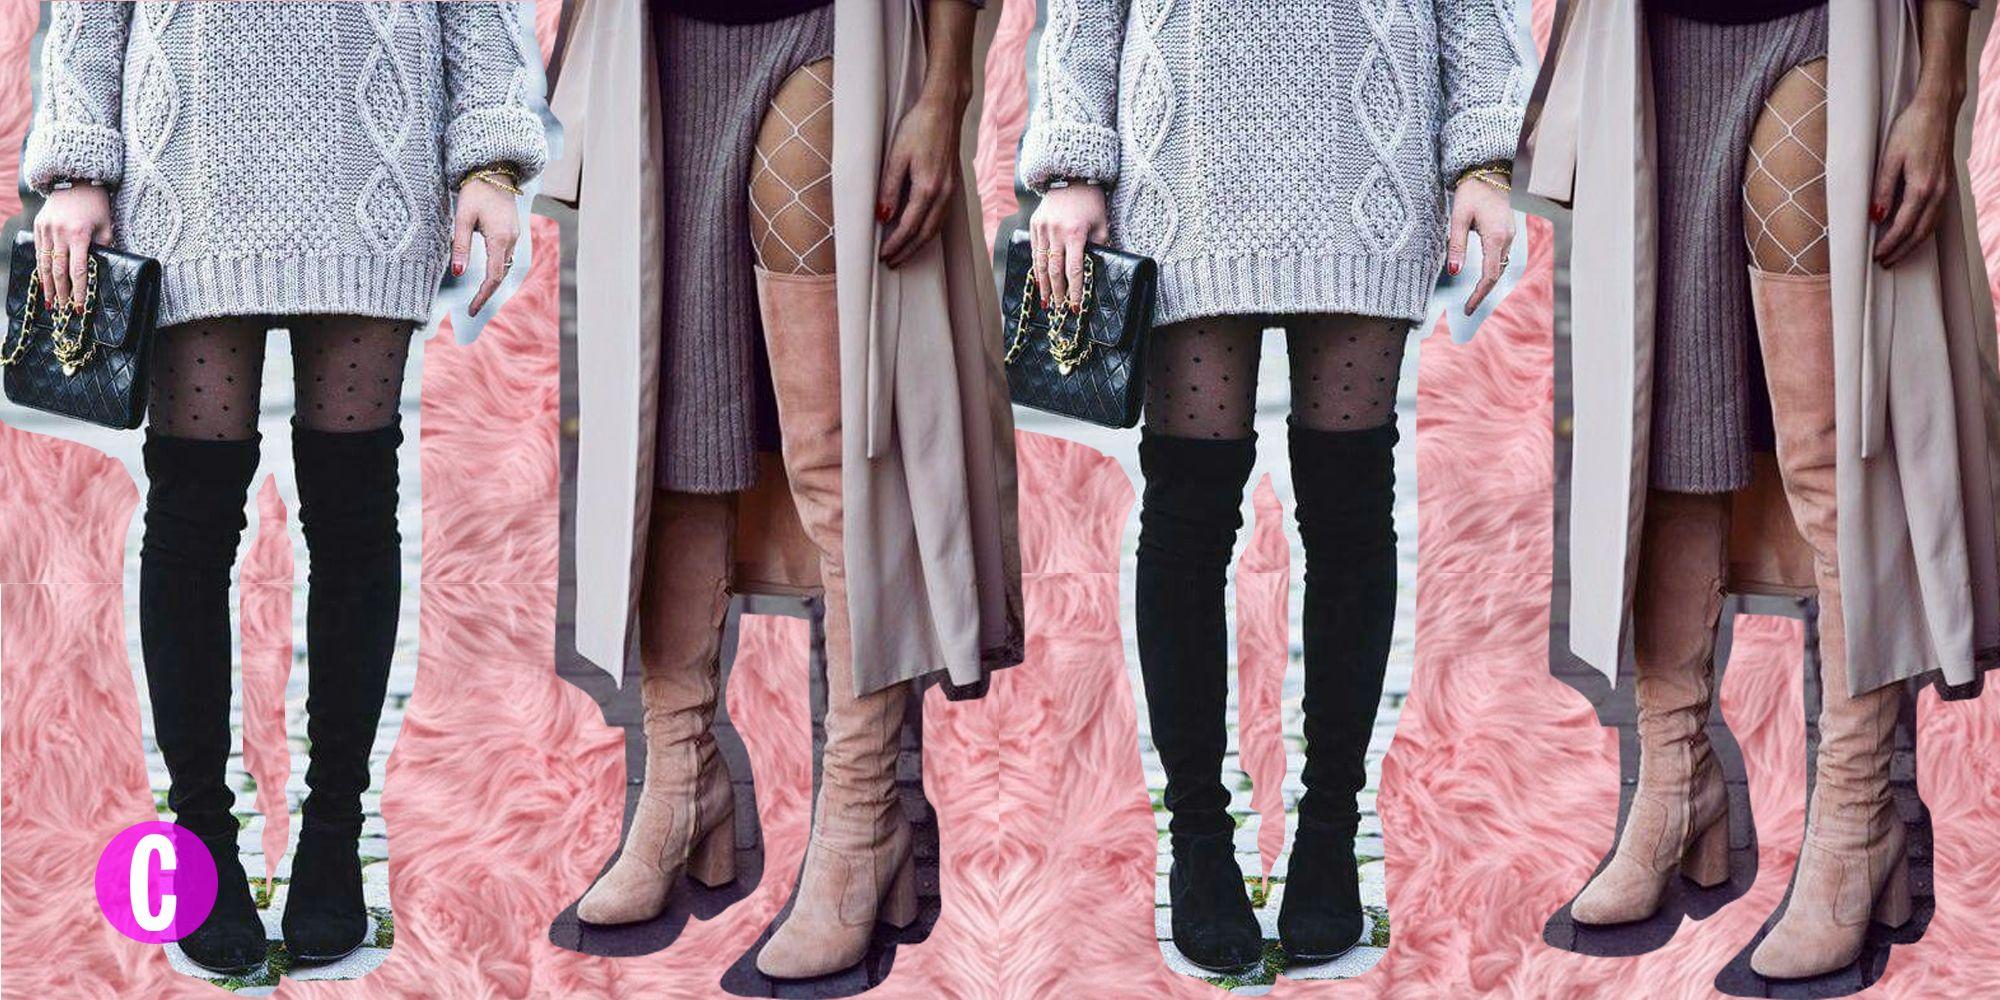 Piccoli Stivali E Sopra Lei questi sono i collant da indossare con gli stivali alti per